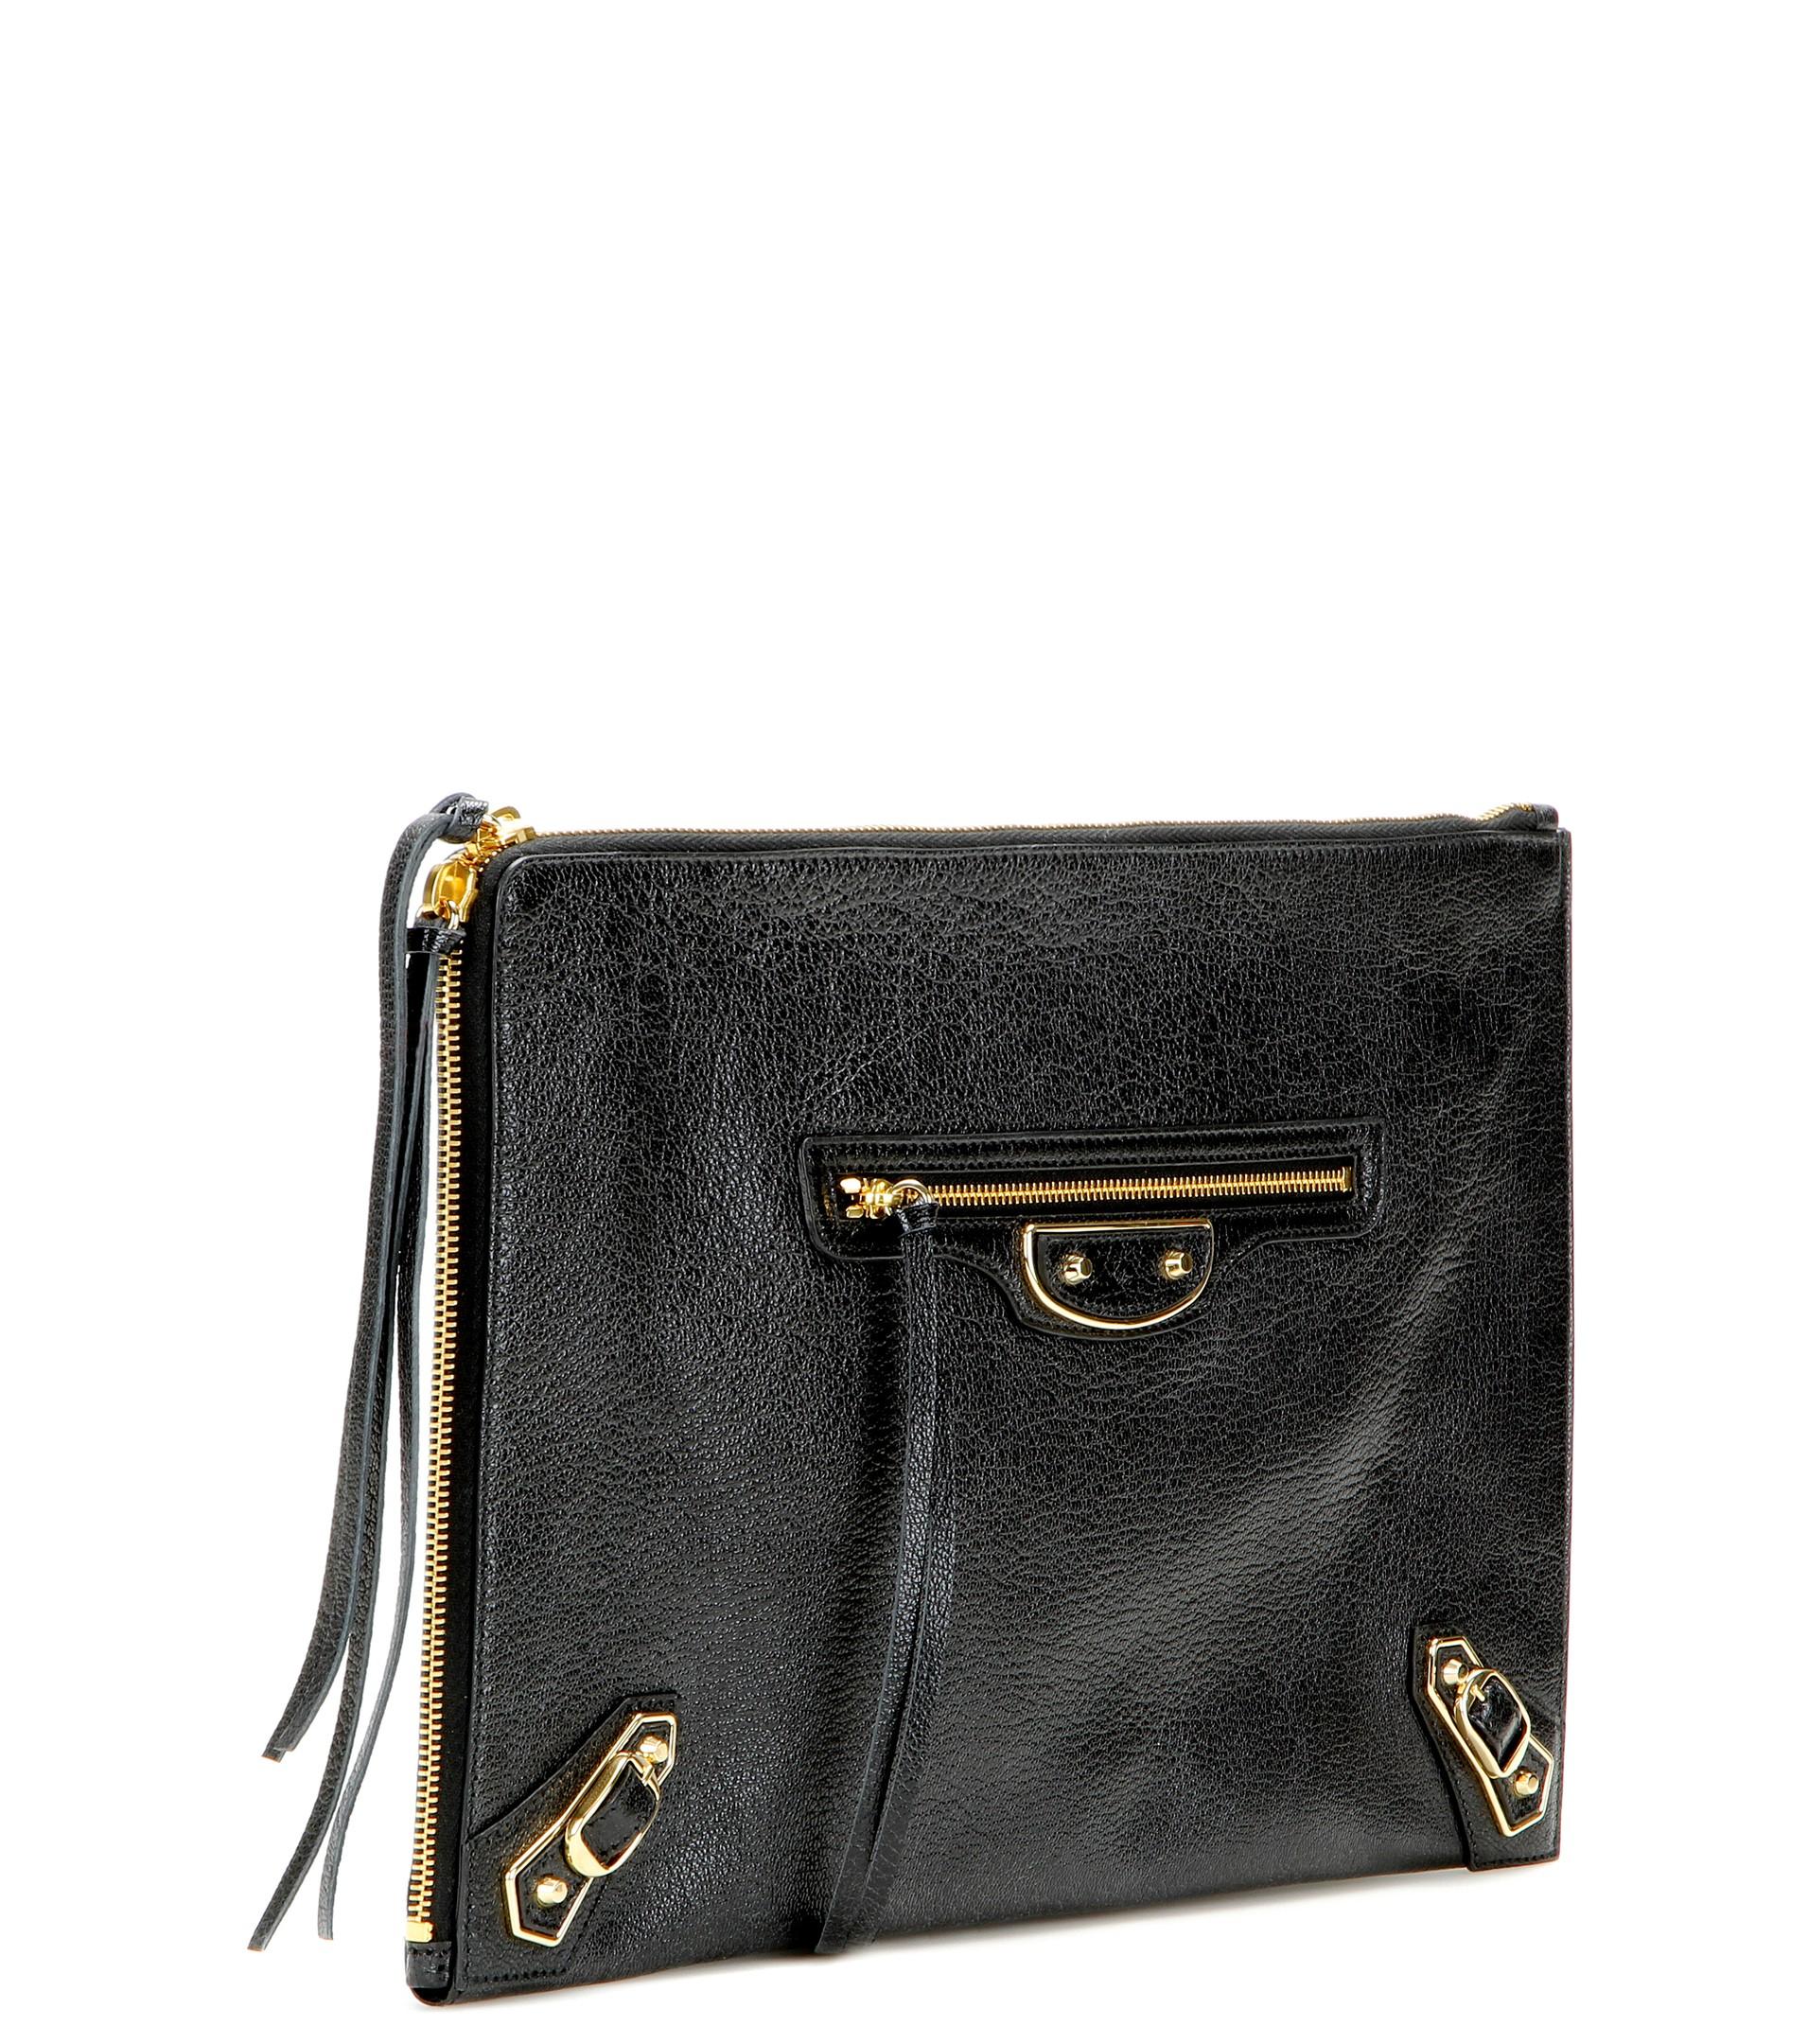 3067348ef0 Balenciaga Classic Pouch Metallic Edge Leather Clutch in Black - Lyst